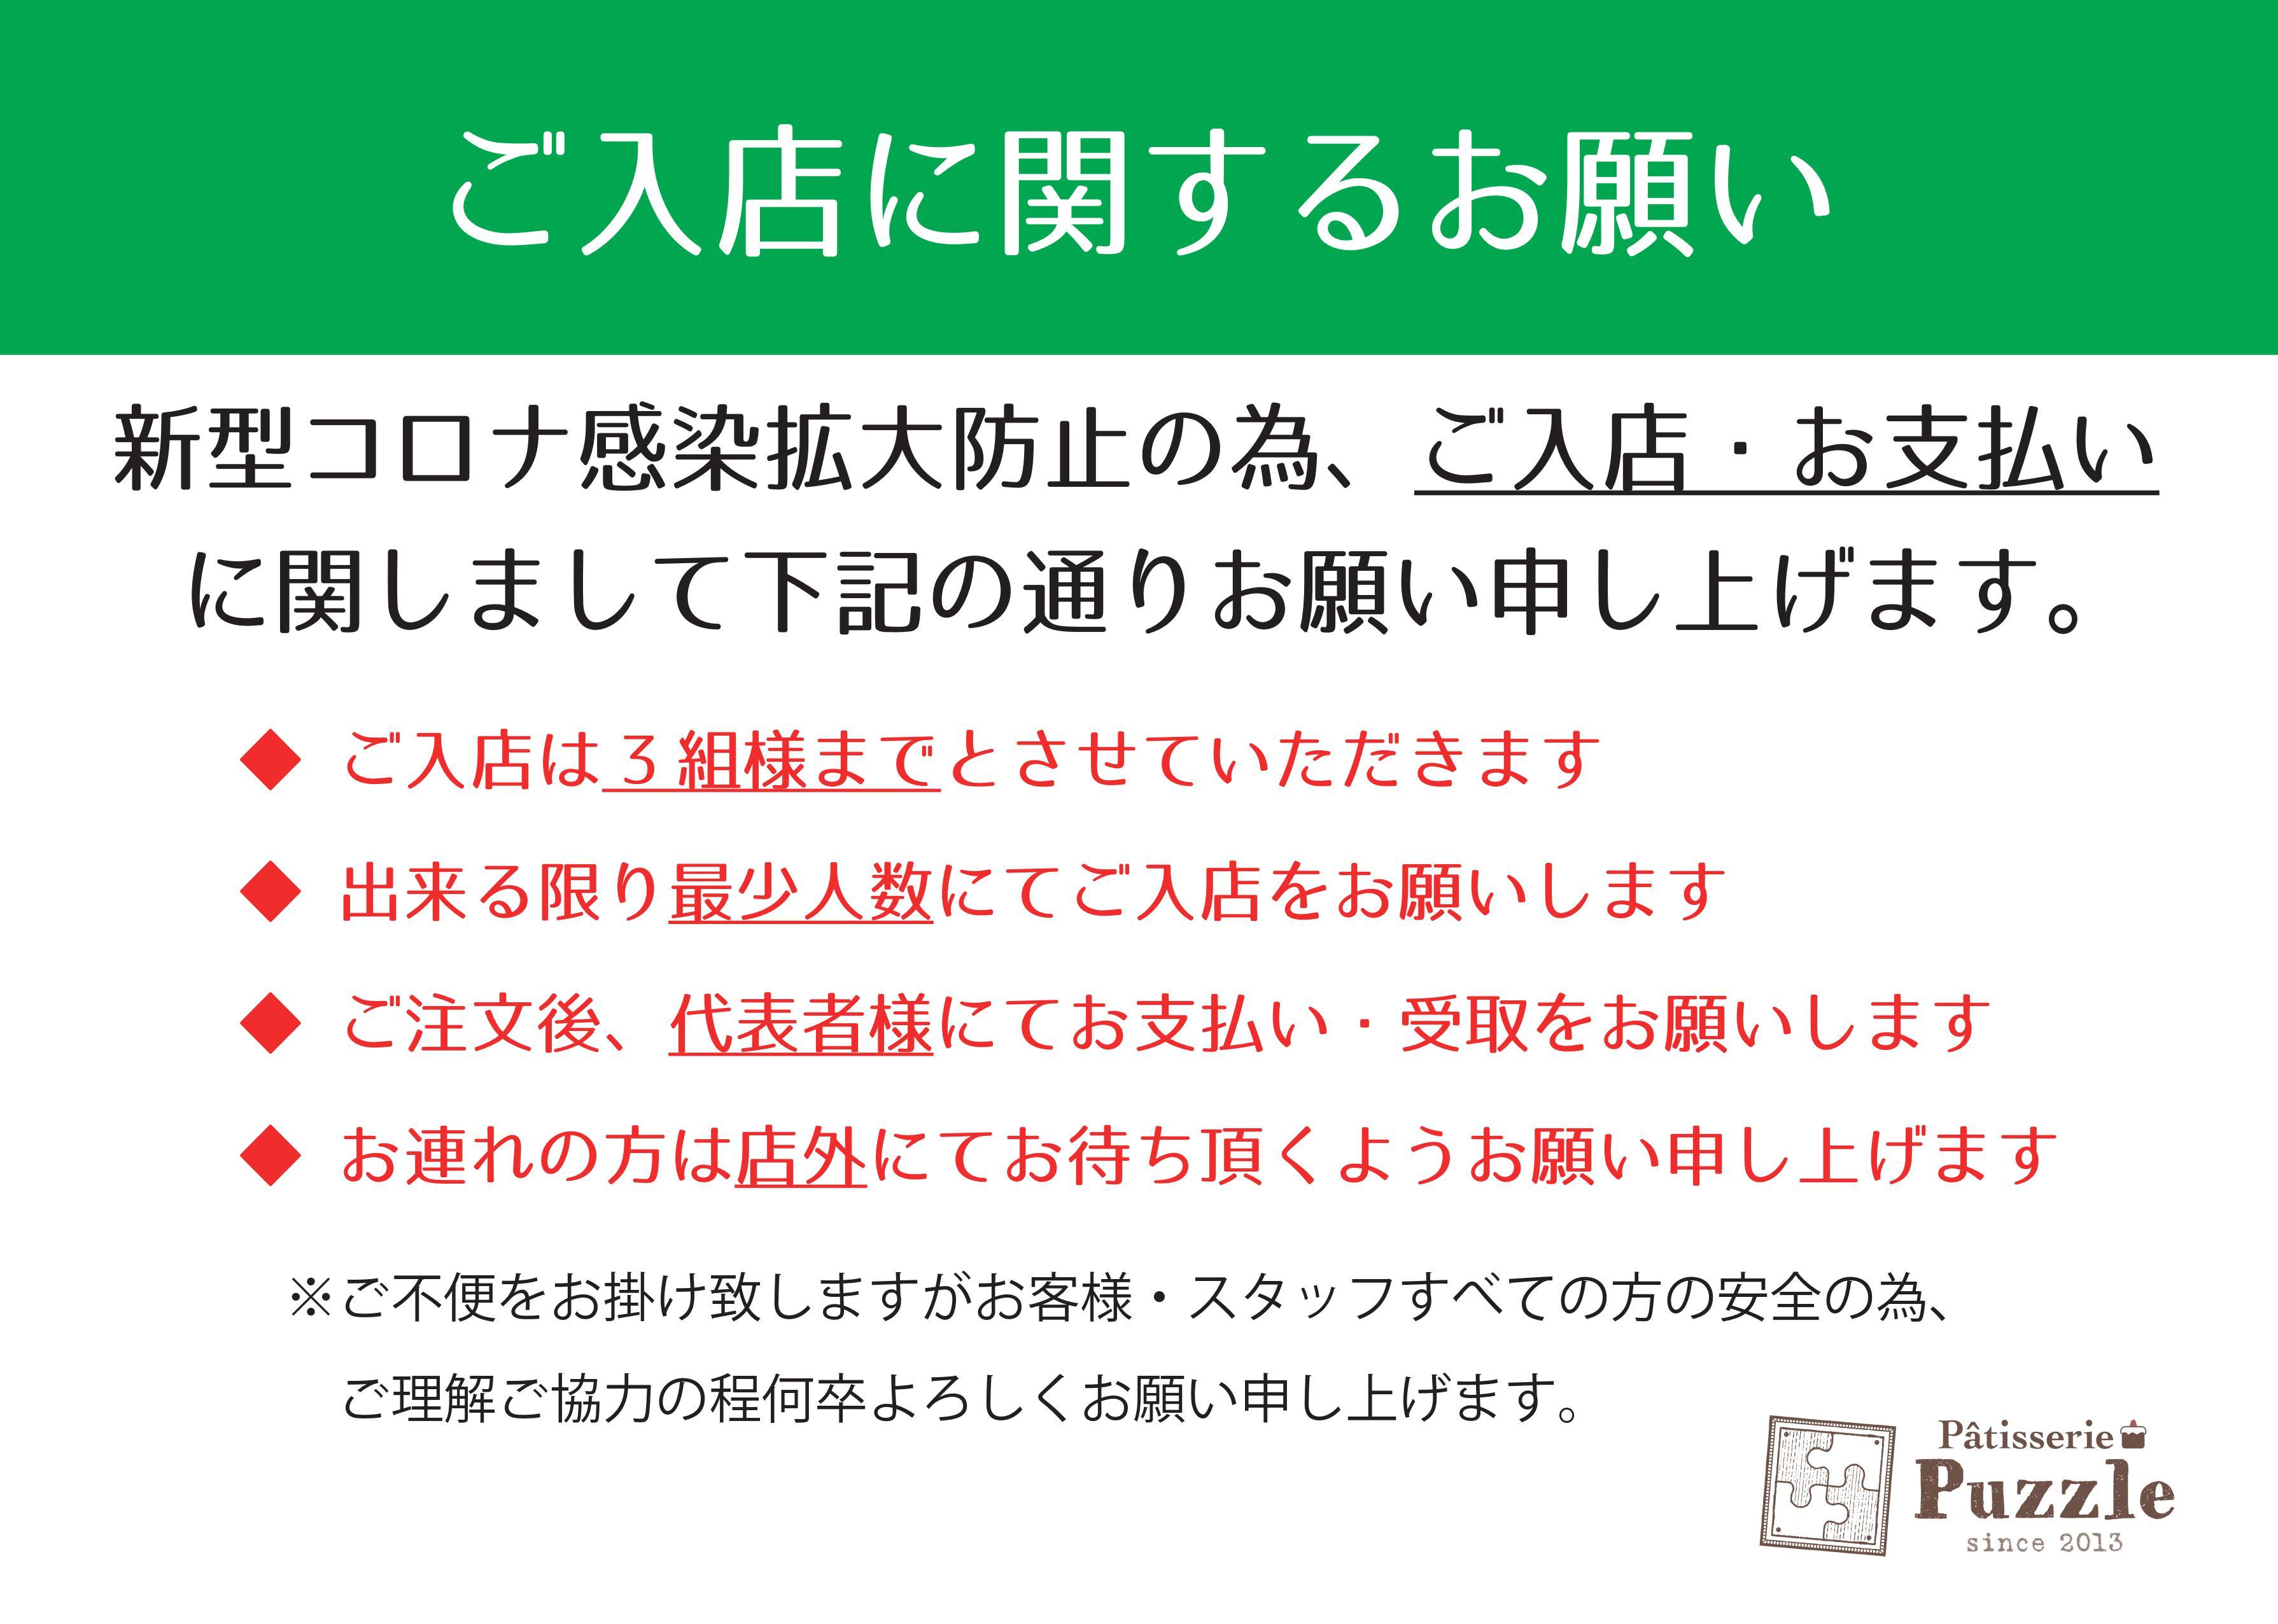 コロナ対策【入店】.jpg